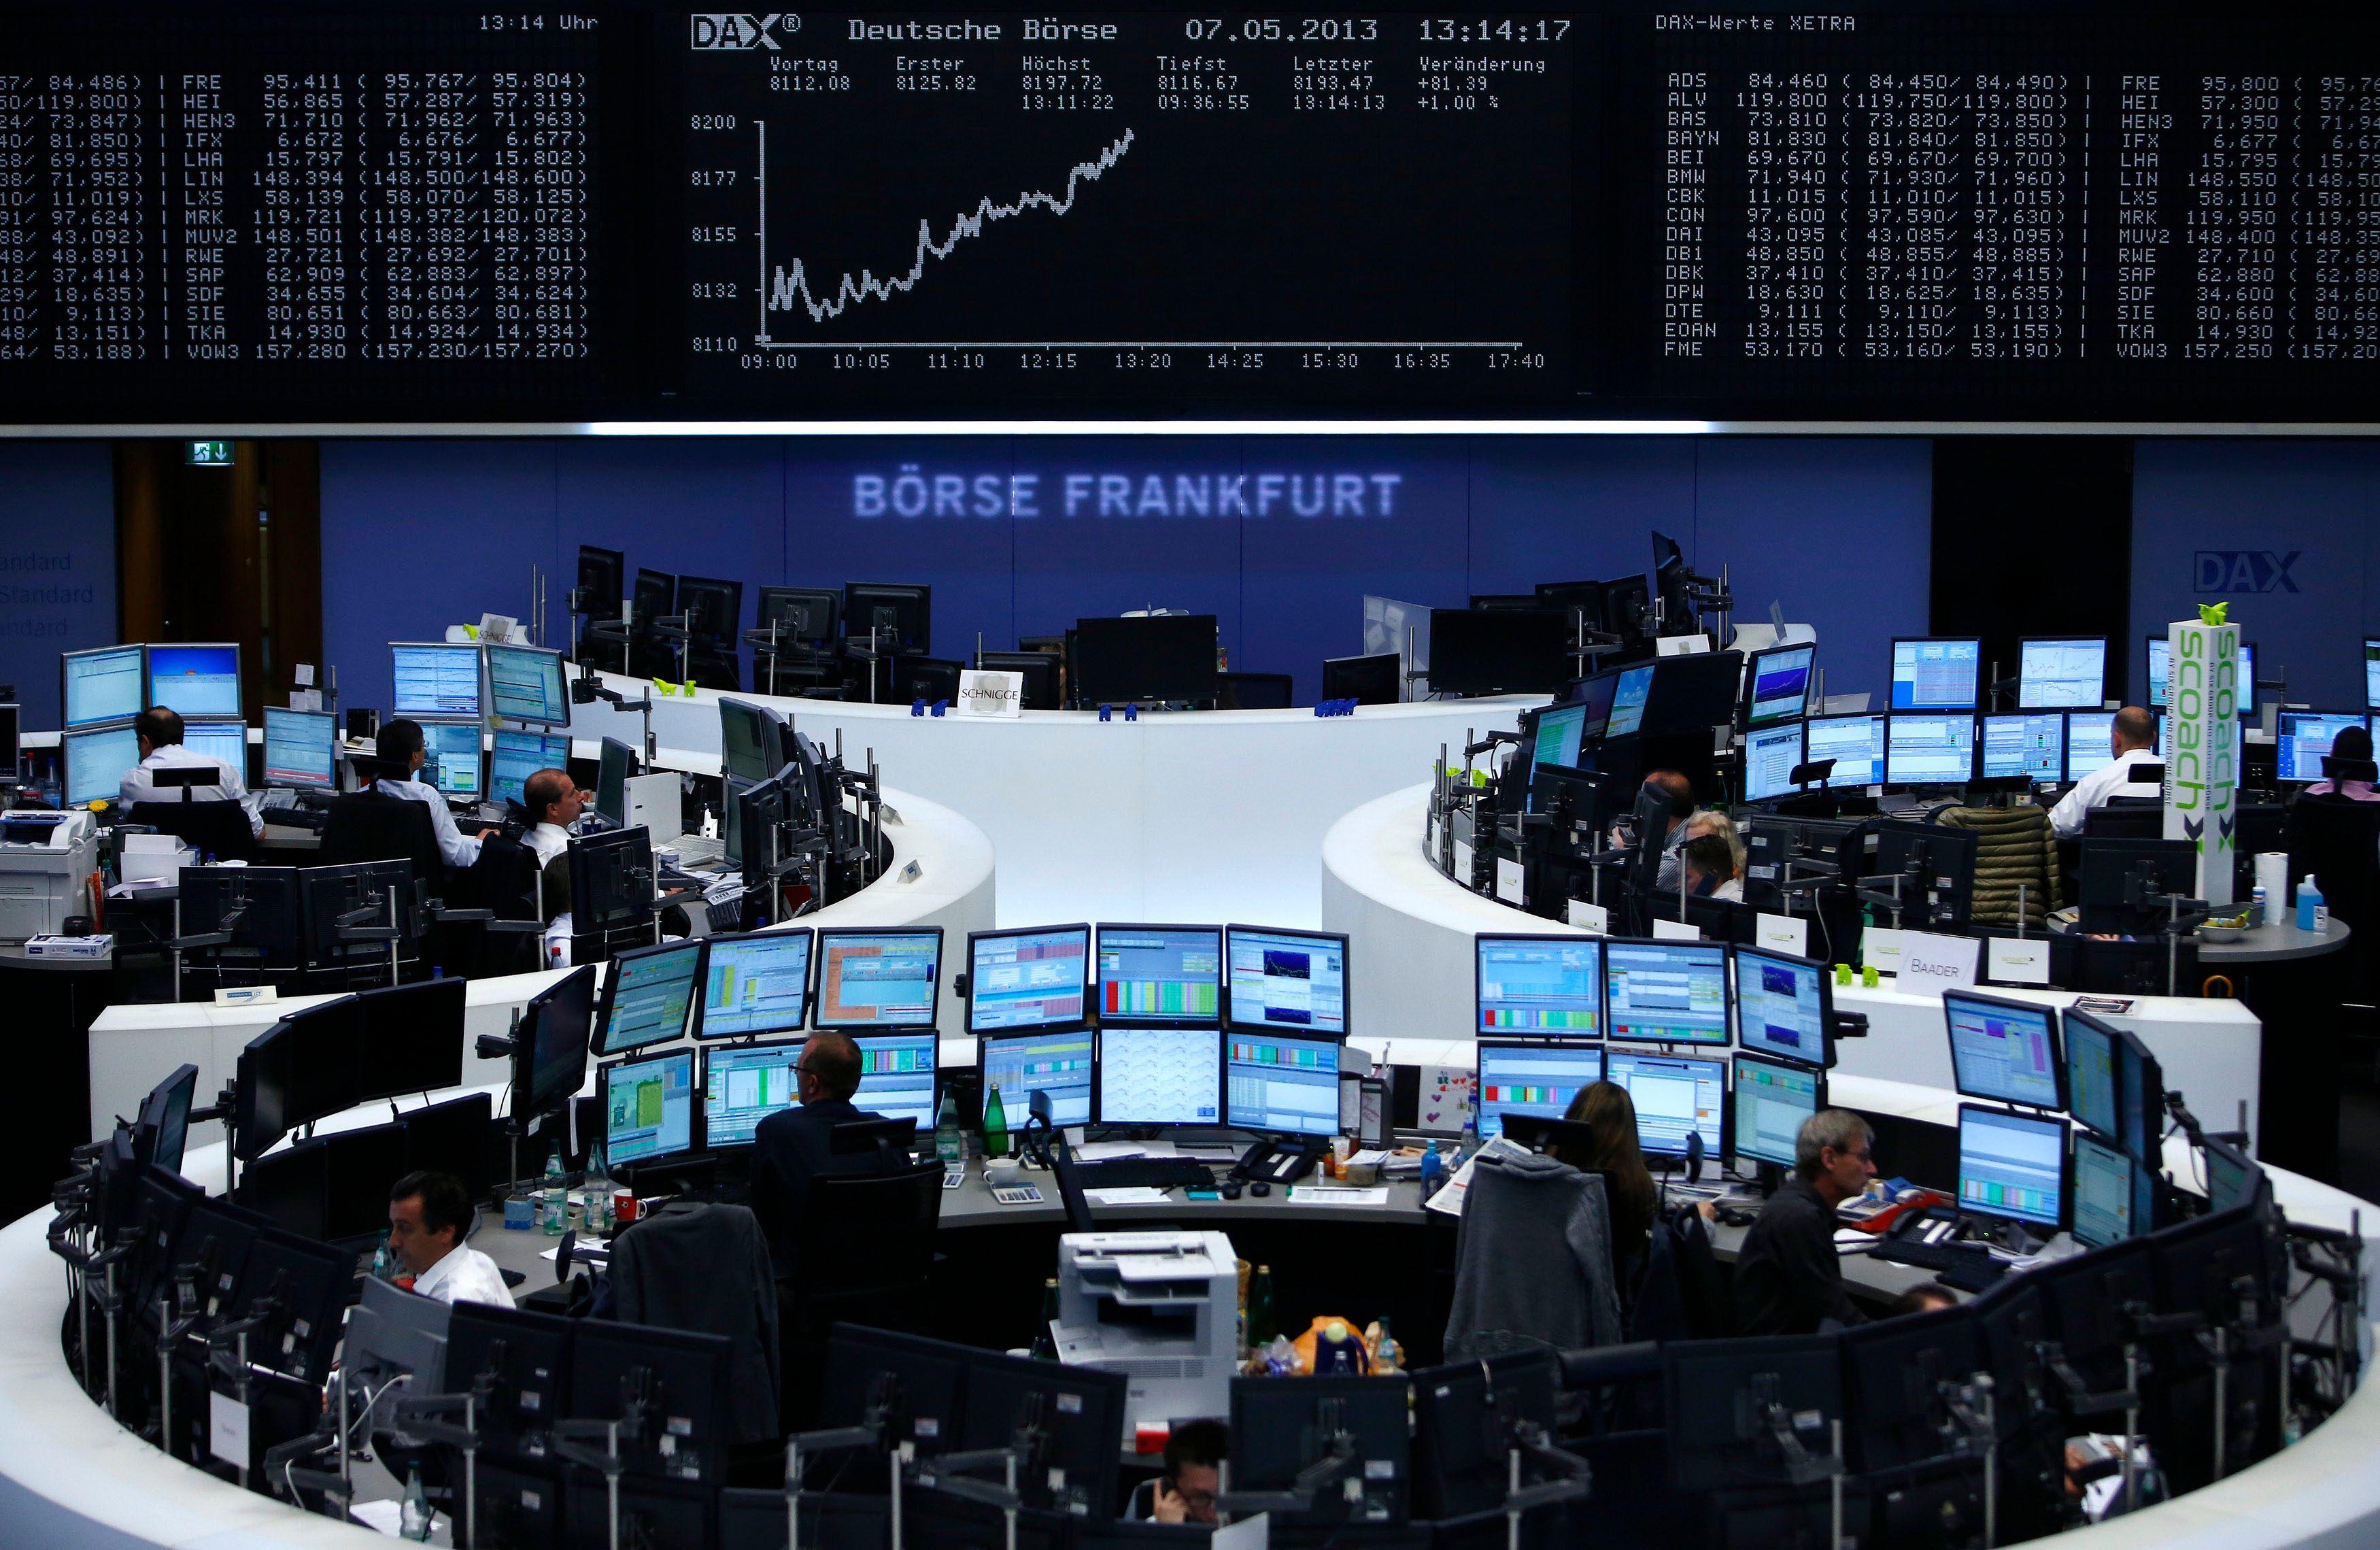 On l'a bien vu en 2008, à travers les tonnes de lettres reçues par la BCE : à l'époque, le siège de Francfort recevait des courriers de protestations par wagons entiers.